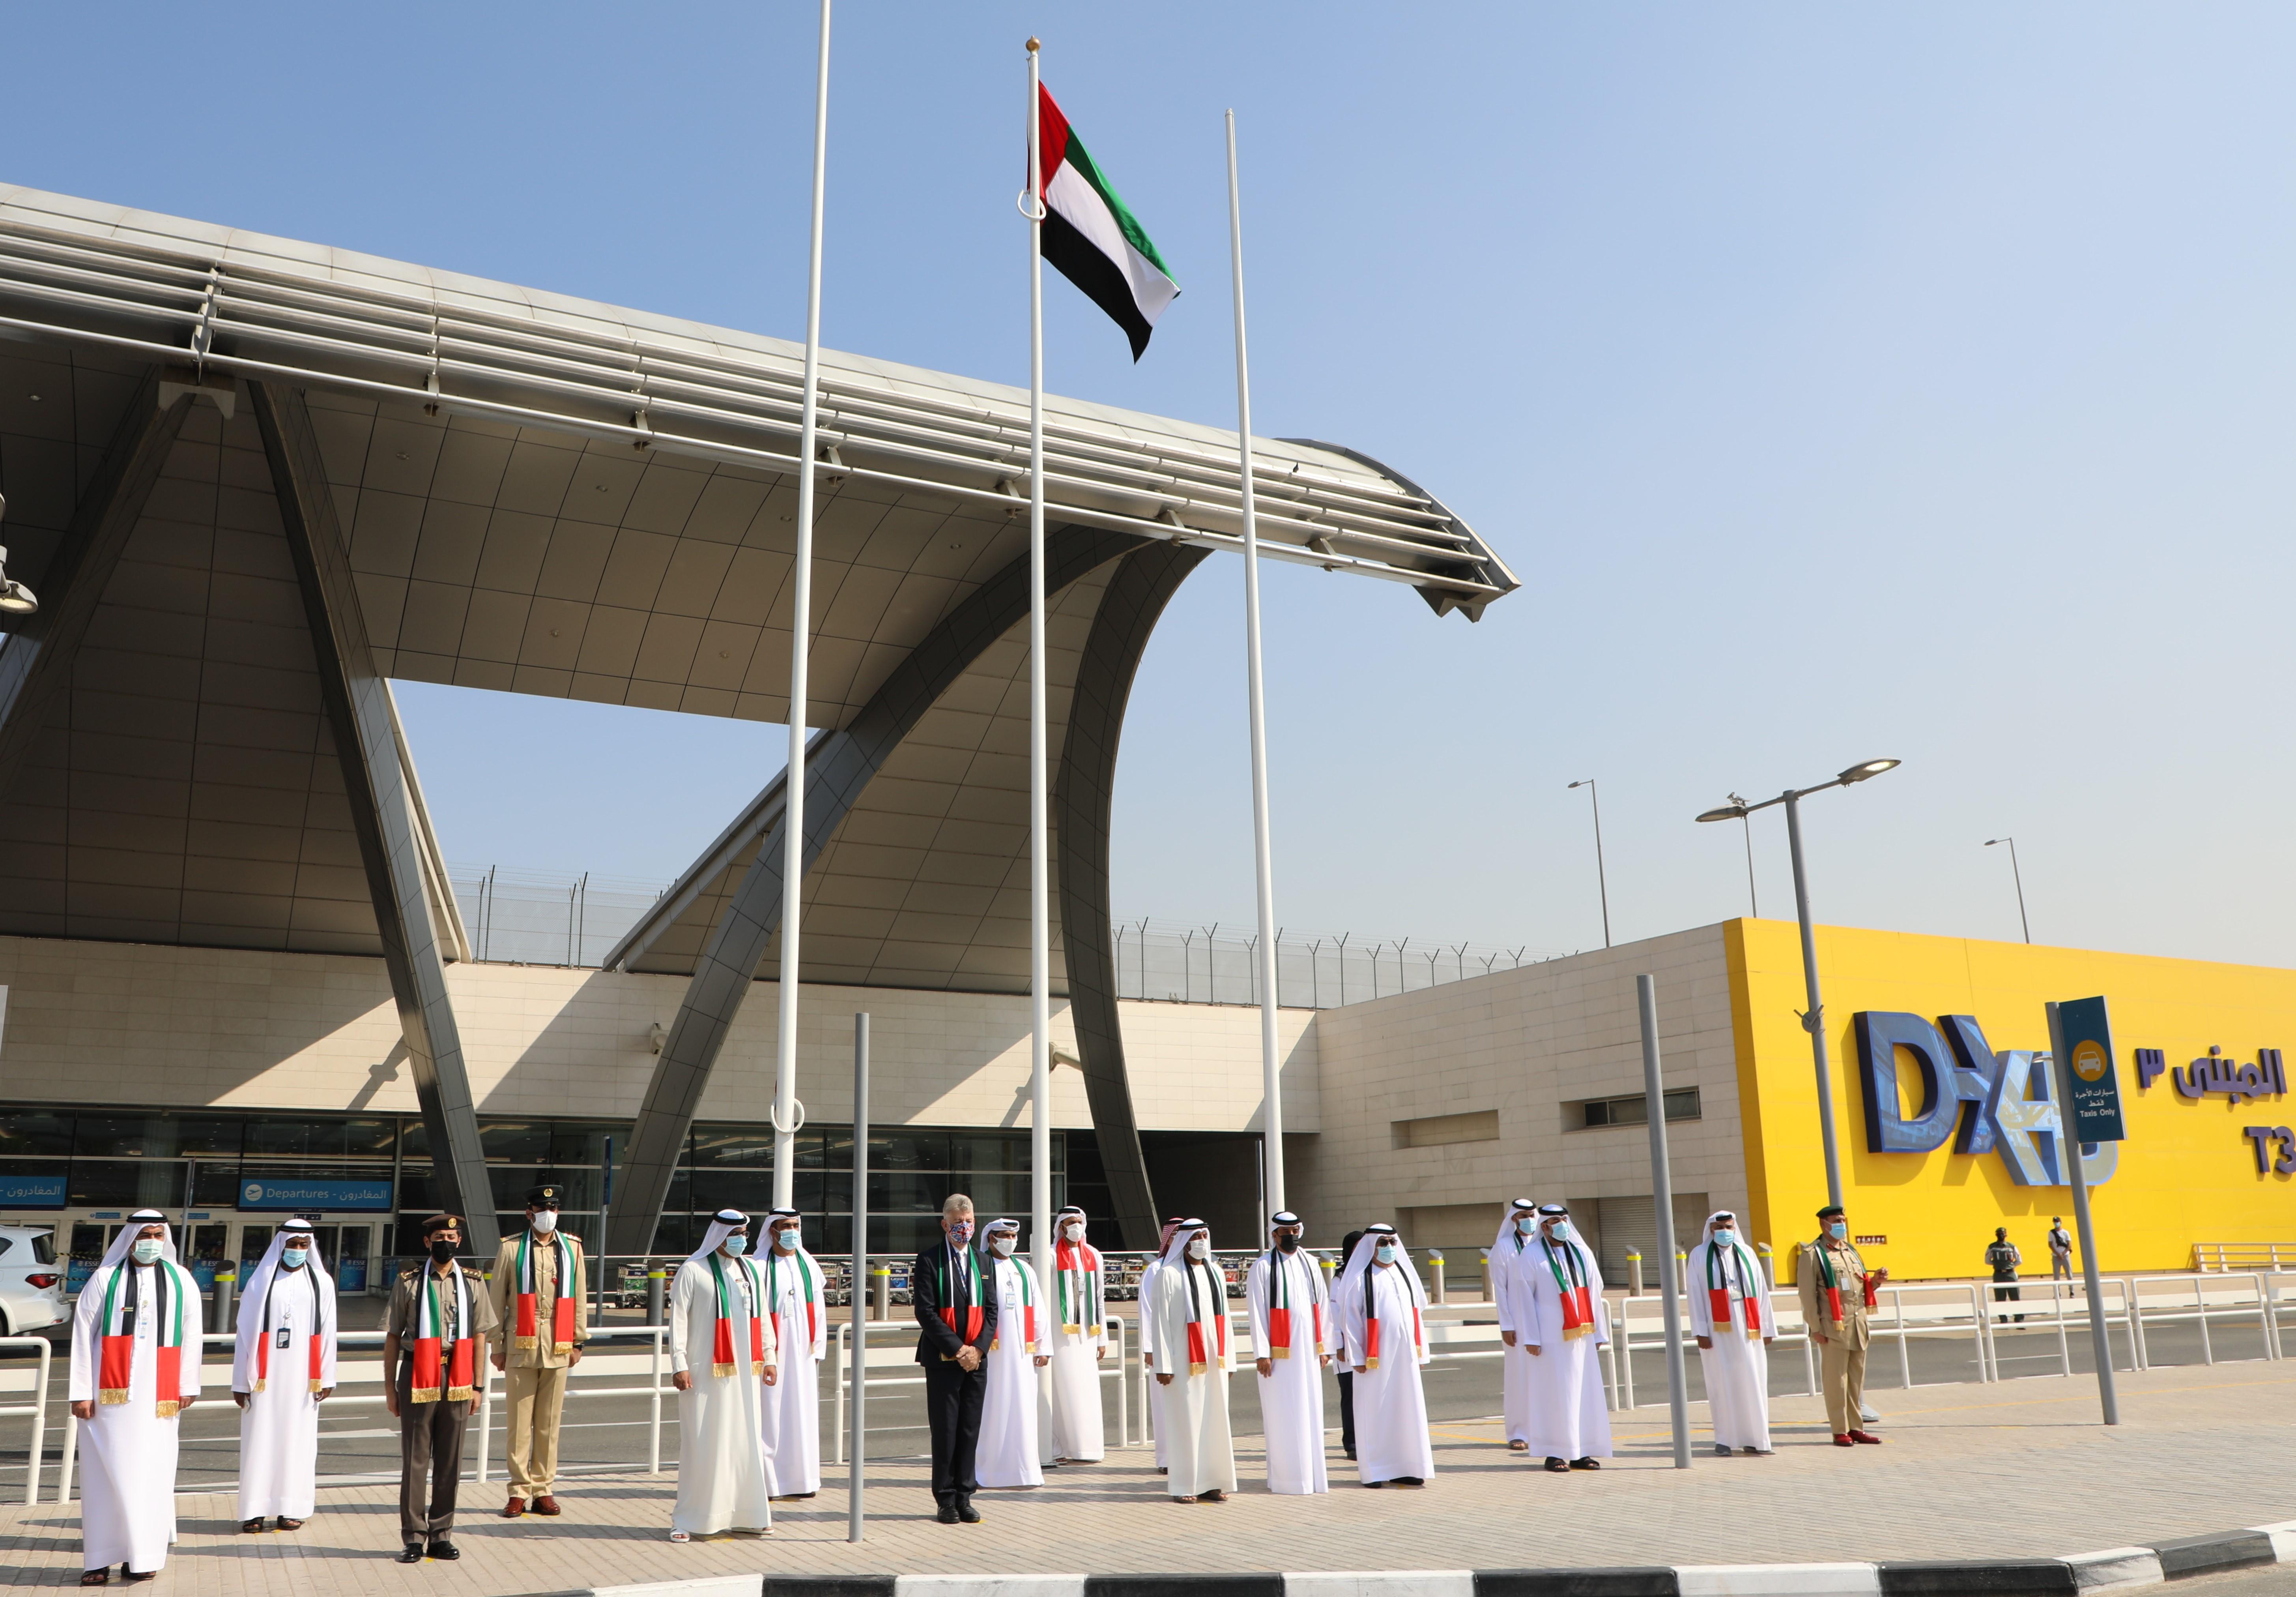 صورة احتفال مطار دبي بيوم العلم